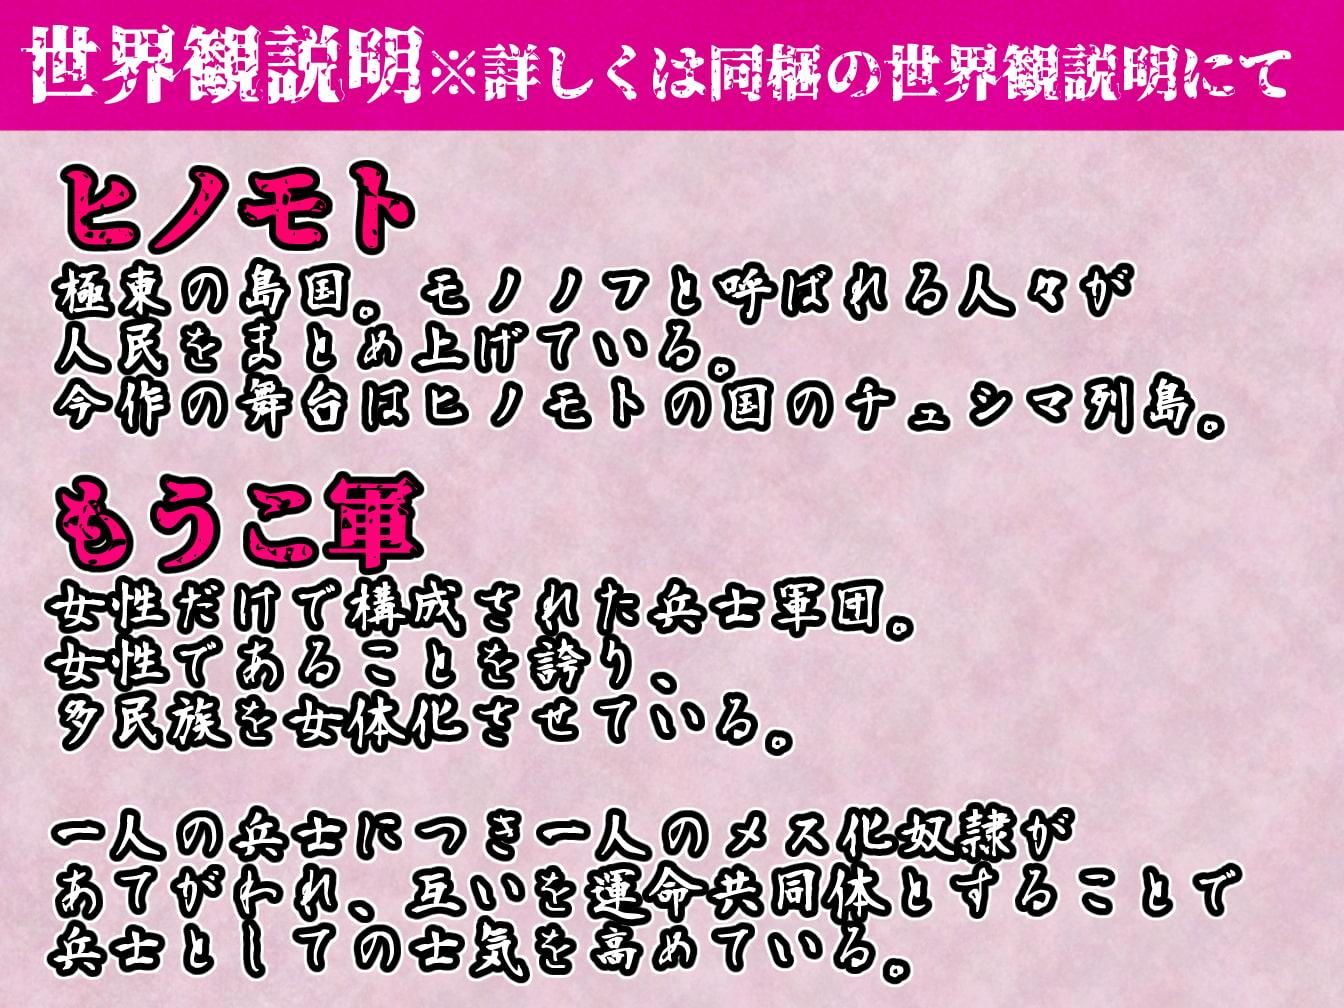 【強制にょたい化】GOH TS OF TS USHIMA催眠 [おかしのみみおか]